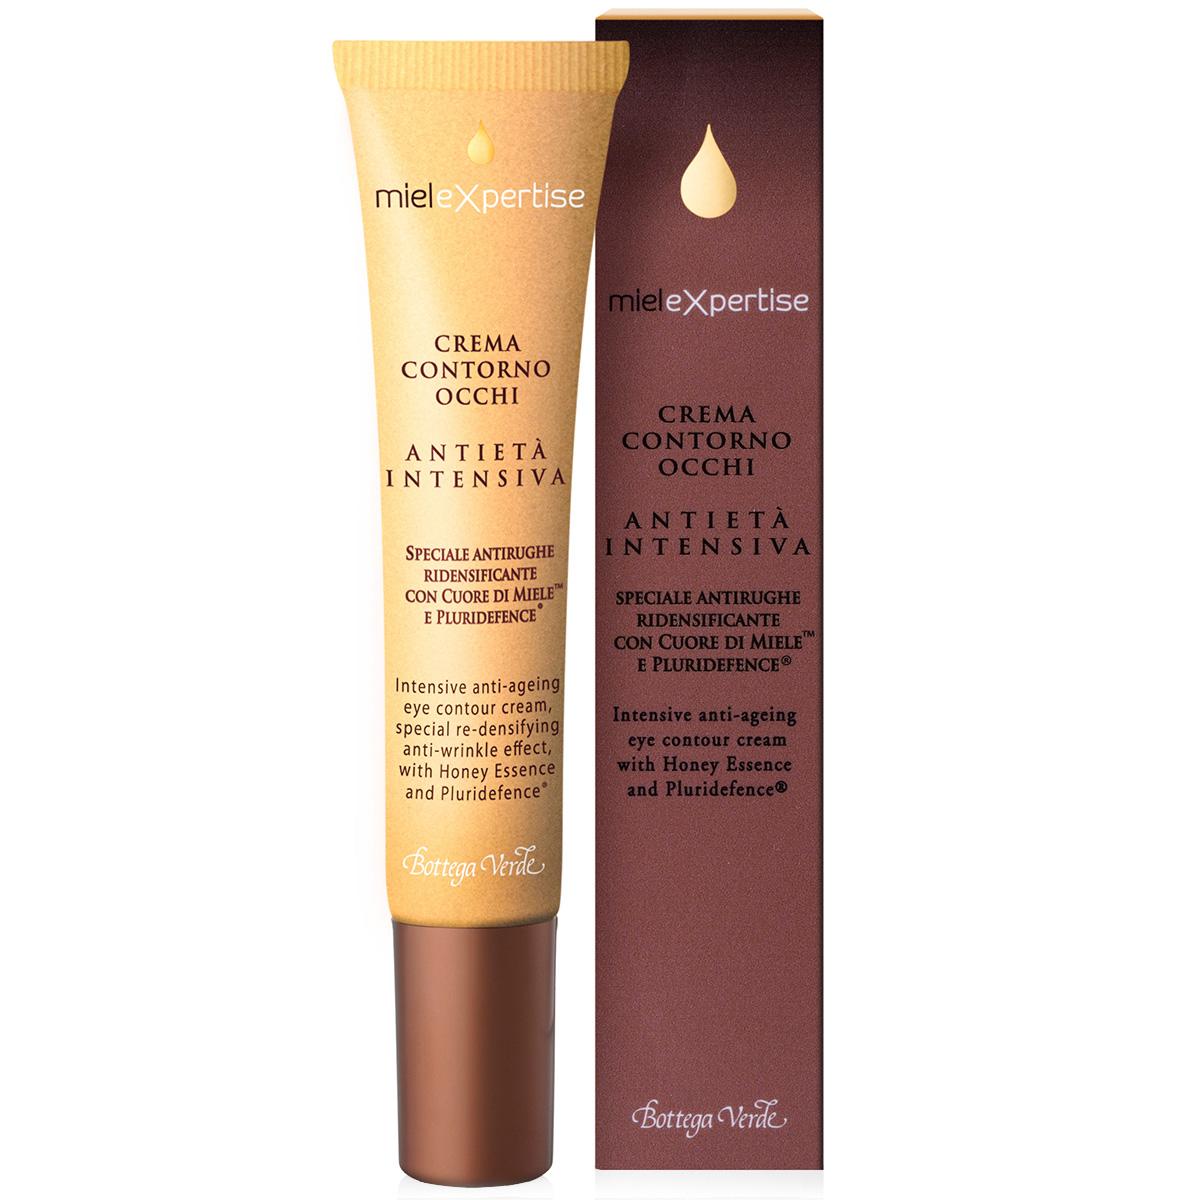 Mielexpertise - Crema pentru zona din jurul ochilor anti-aging, antirid pe baza de Cuore di Miele® si Pluridefence®